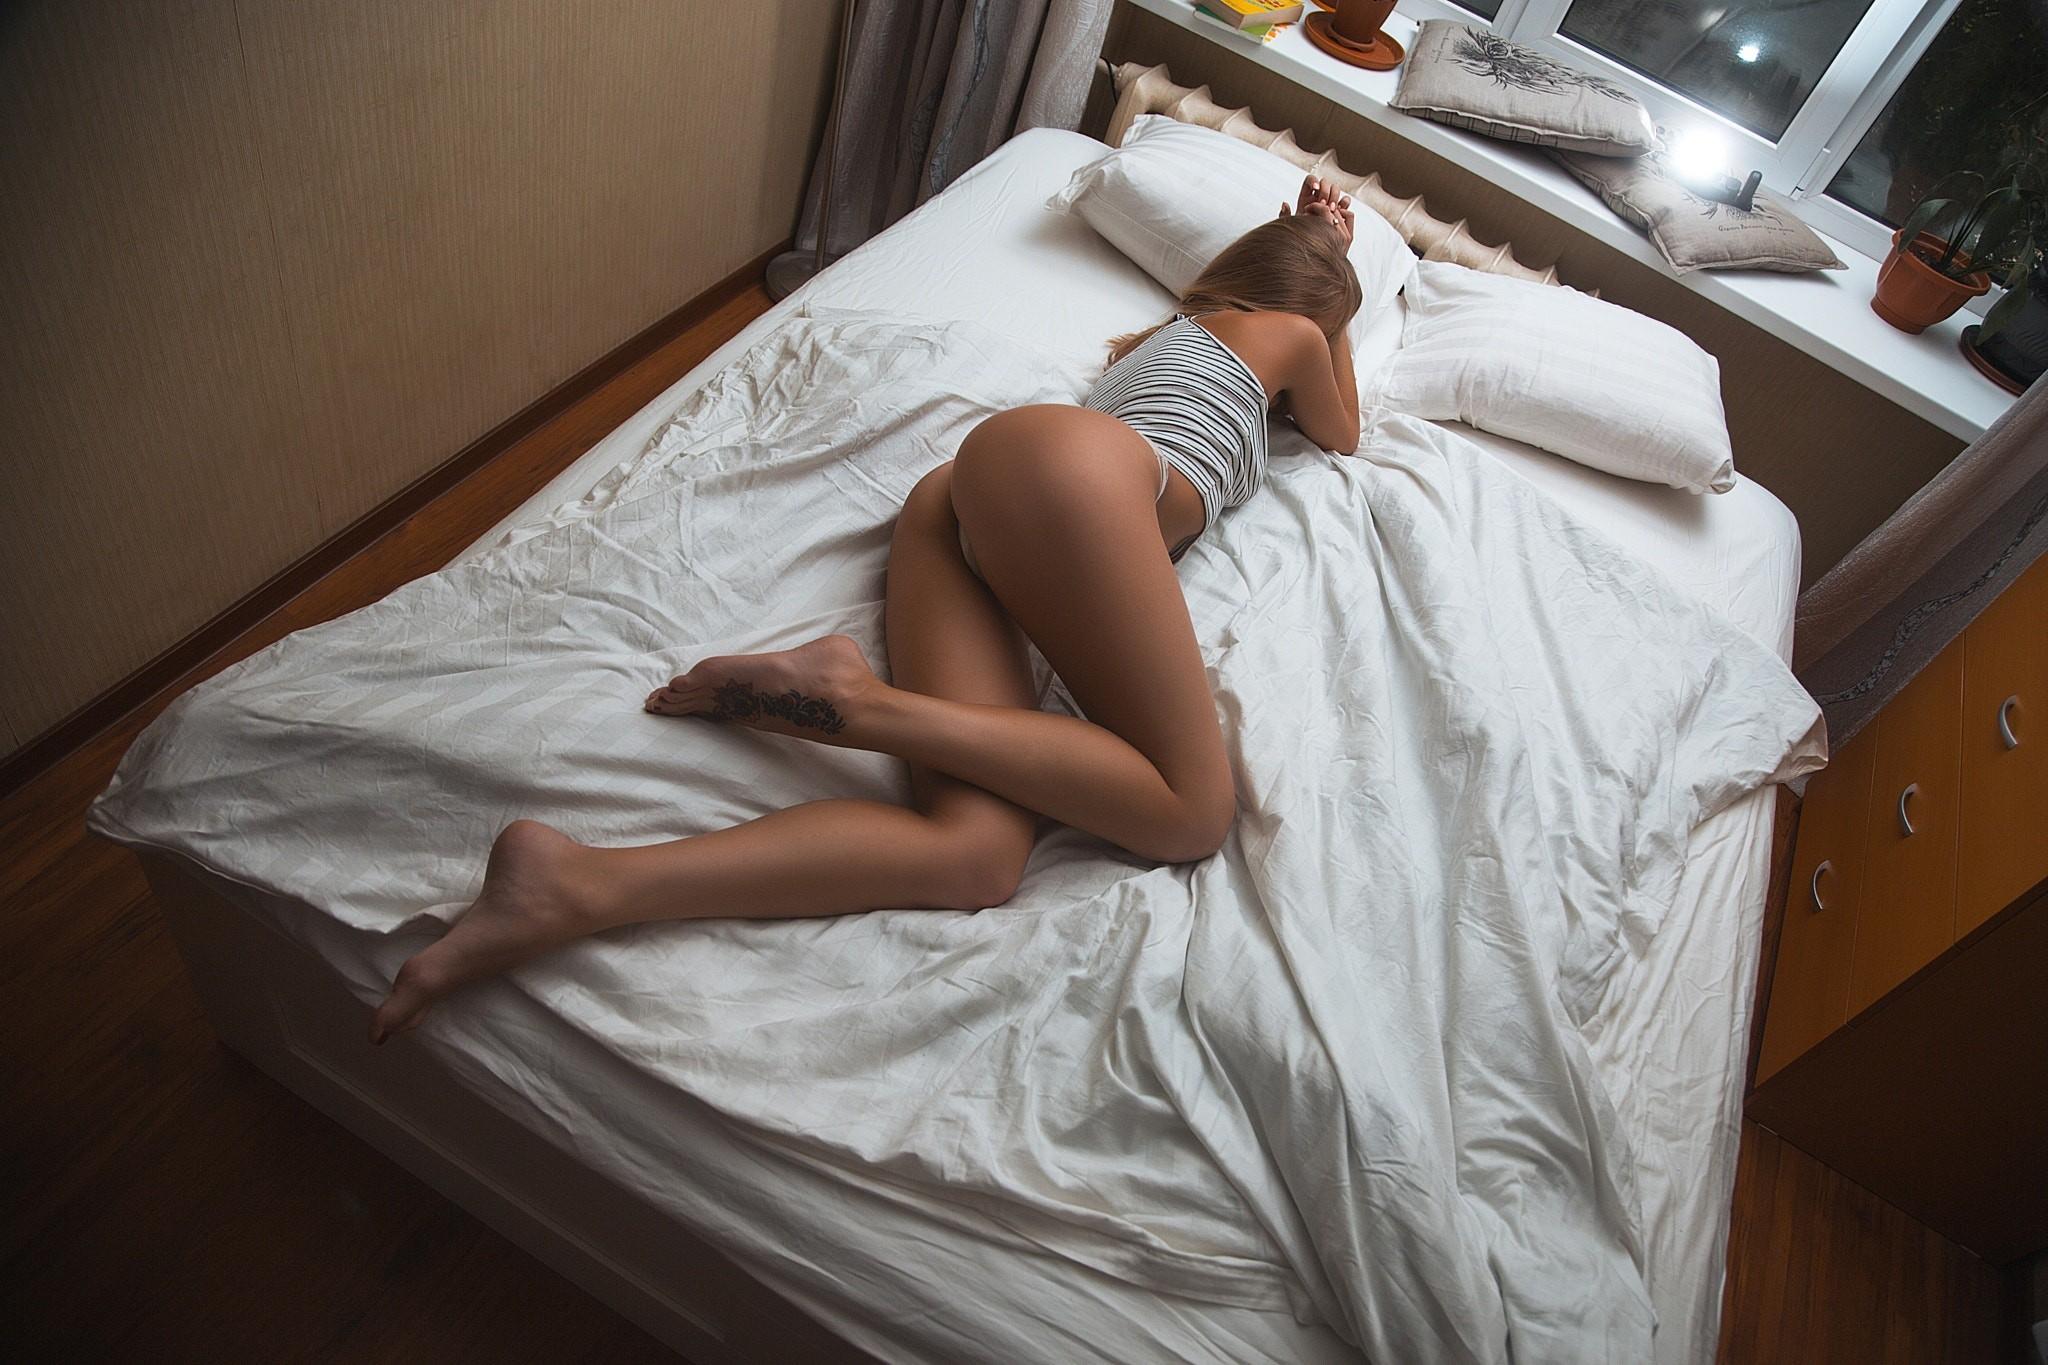 Кувыркаются на кровати — pic 14